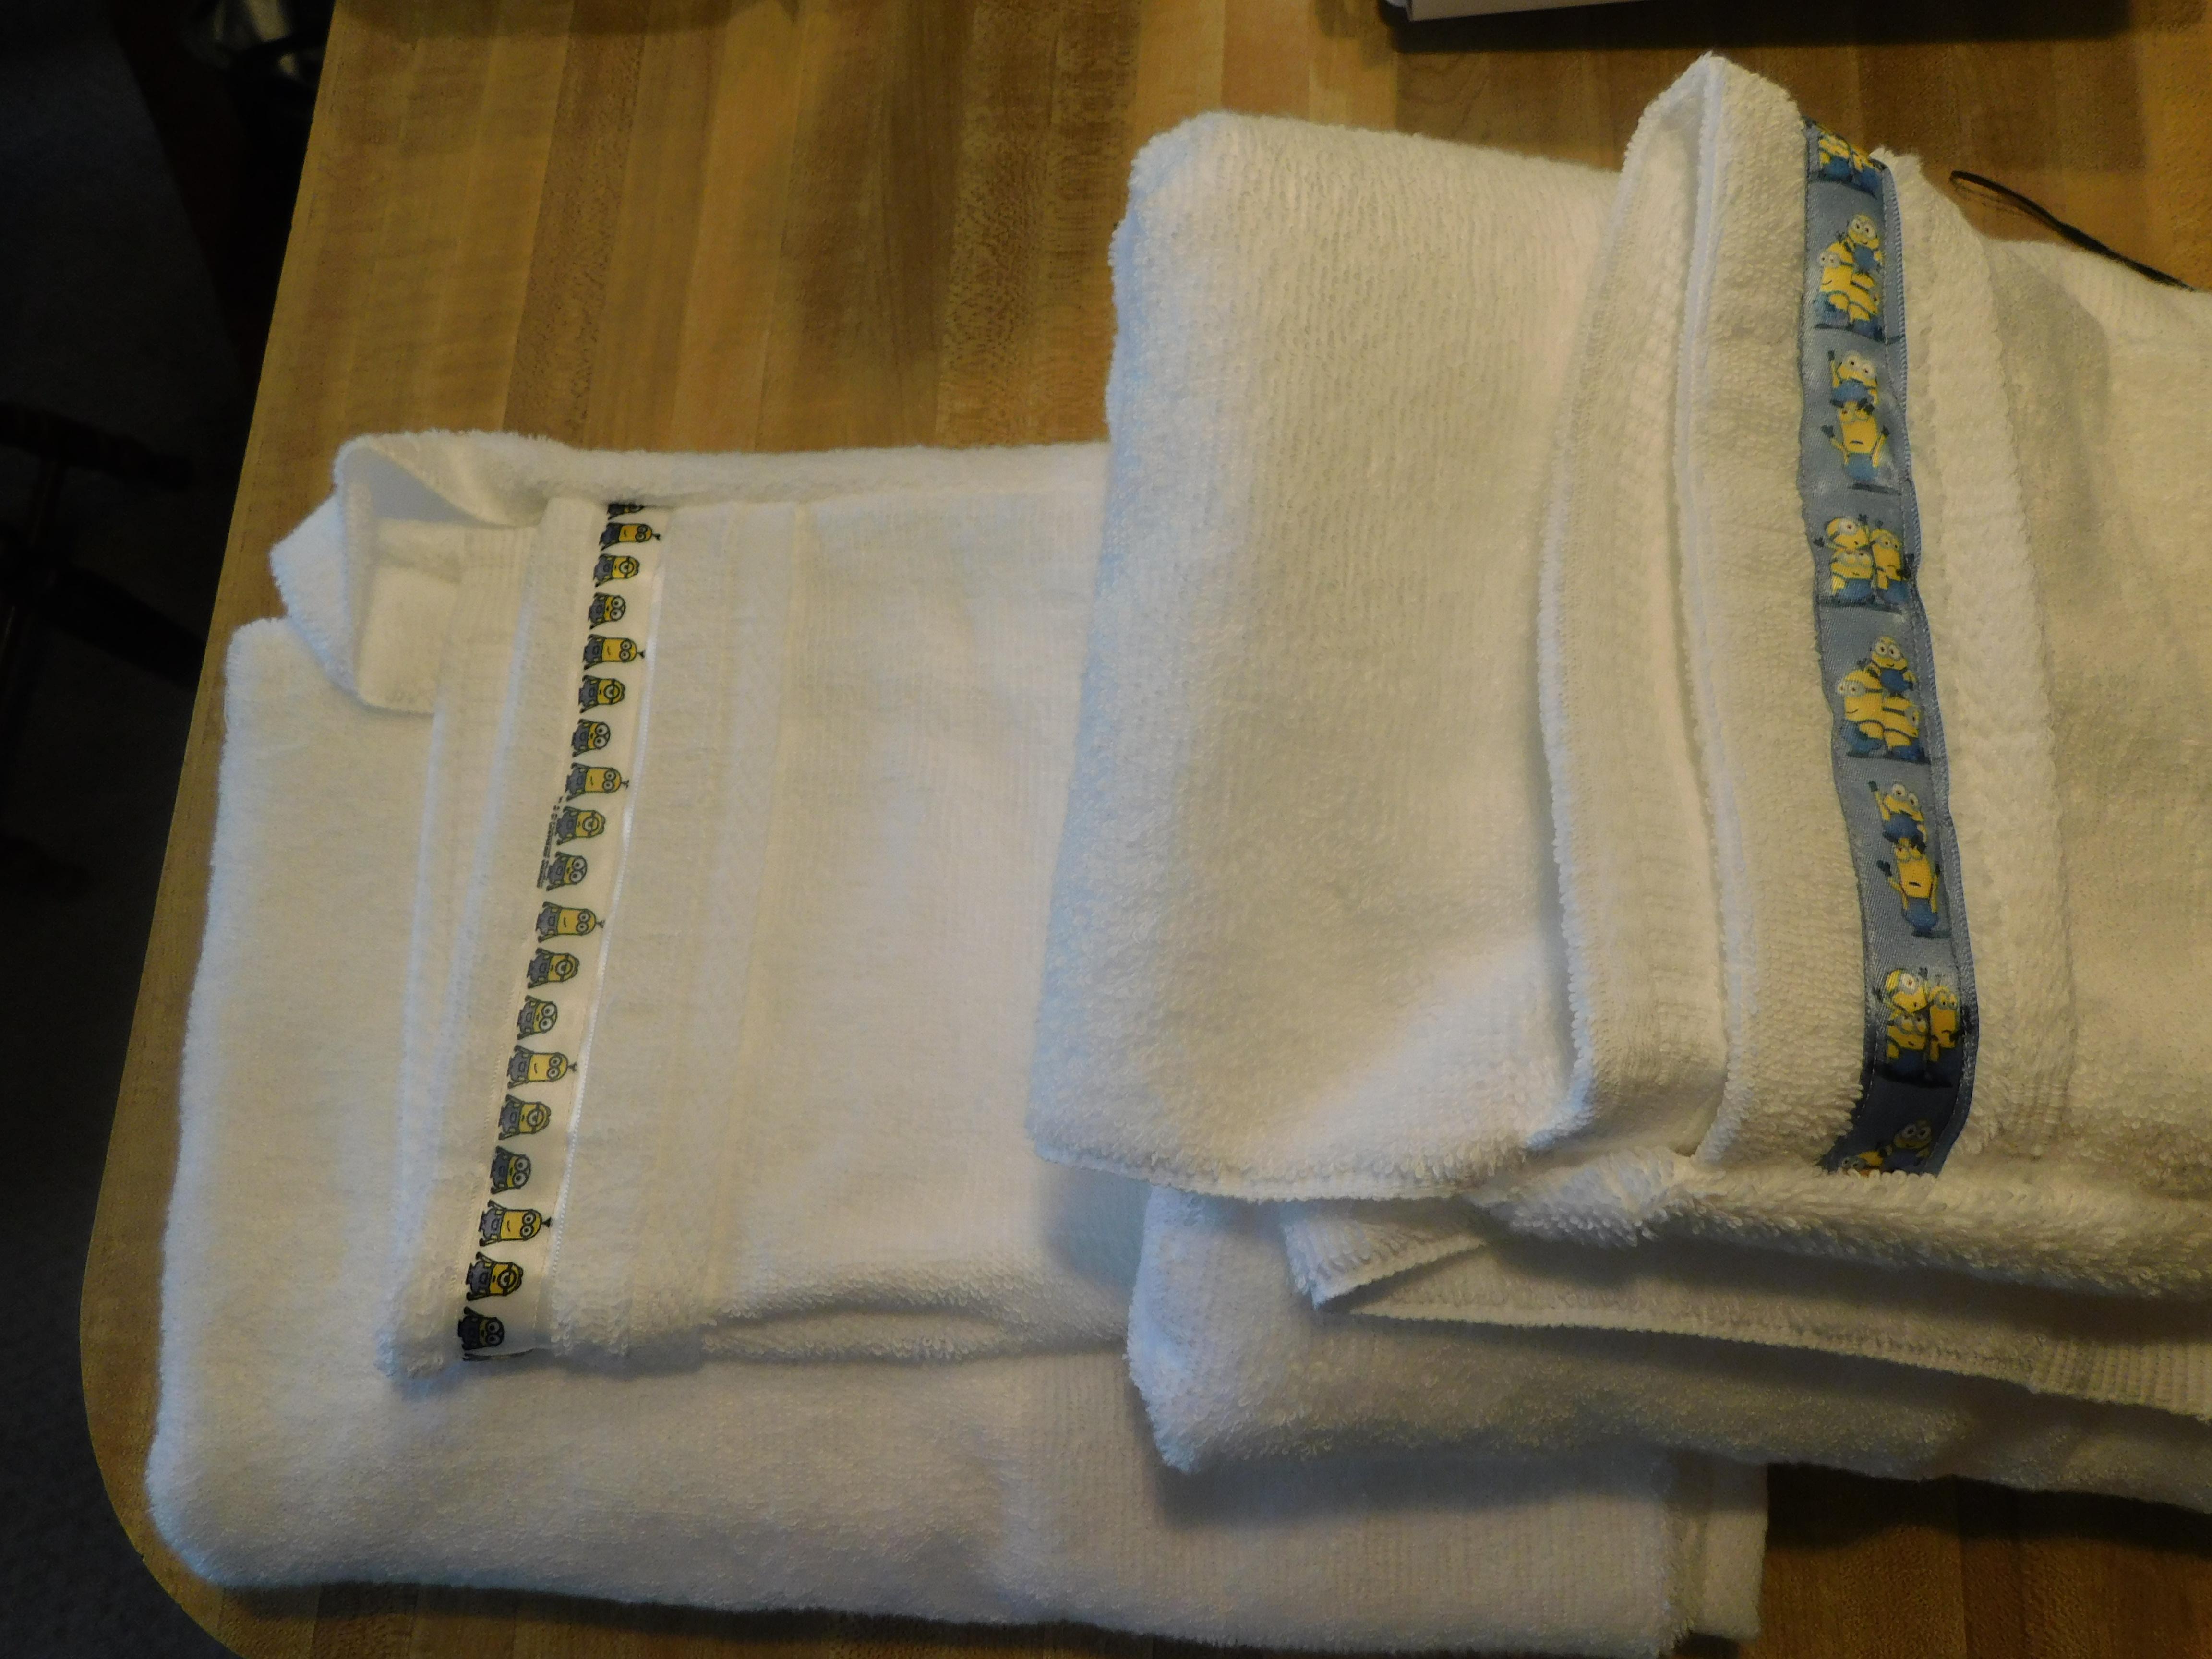 Charlie Hooded Towels 08 2021